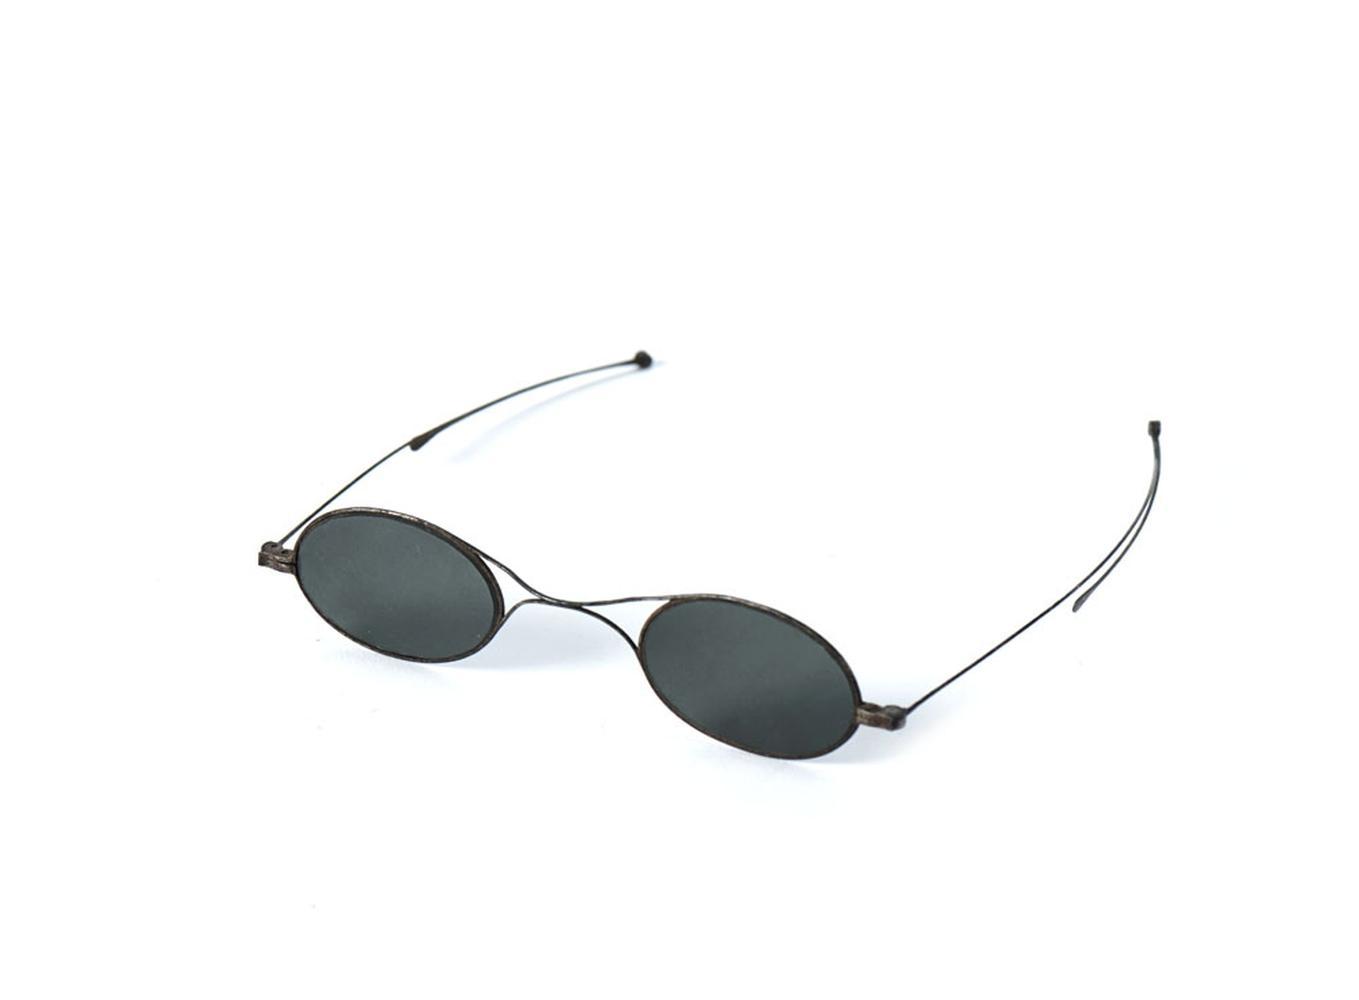 Óculos escuros, objecto uso pessoal do poeta